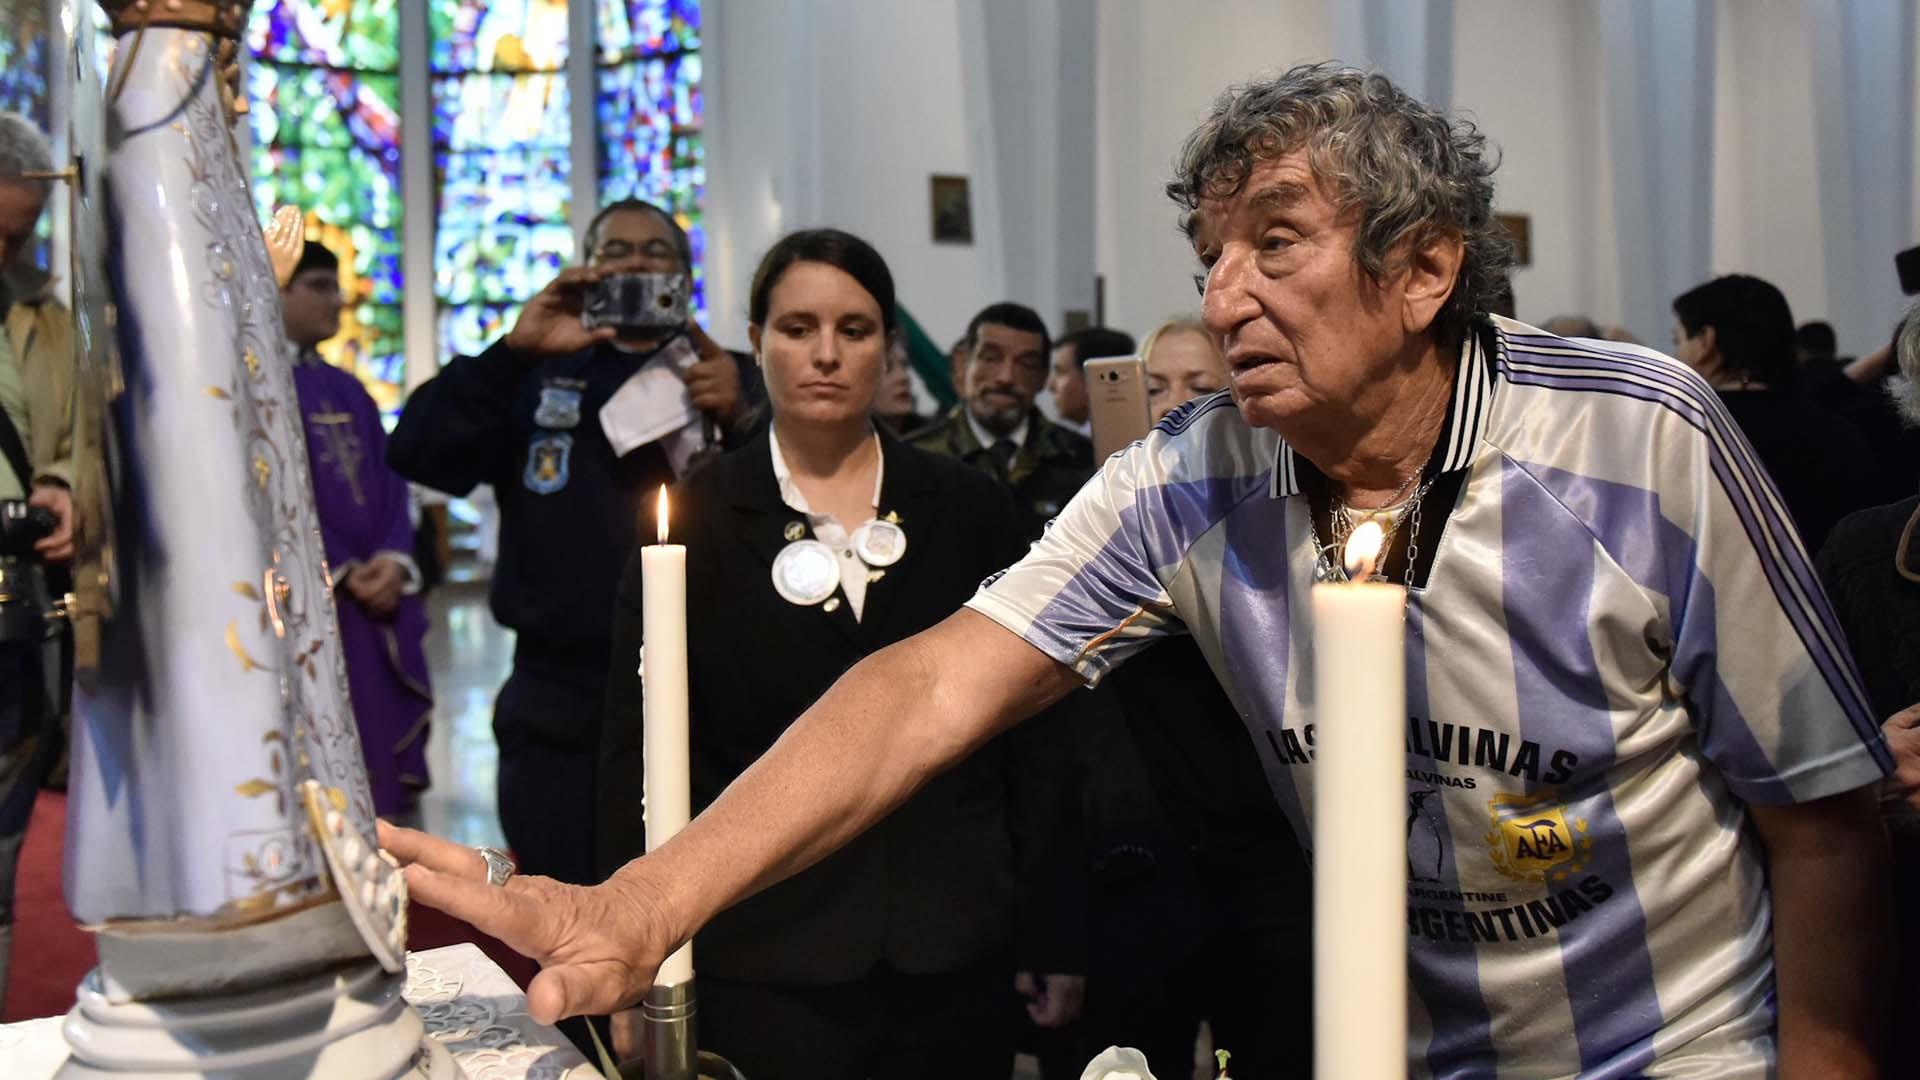 Carlos Pascual, más conocido como Tula, el dueño del bombo más famoso del fútbol argentino, también estuvo presente en la misa para conmemorar a los héroes caídos en la Catedral Castrense